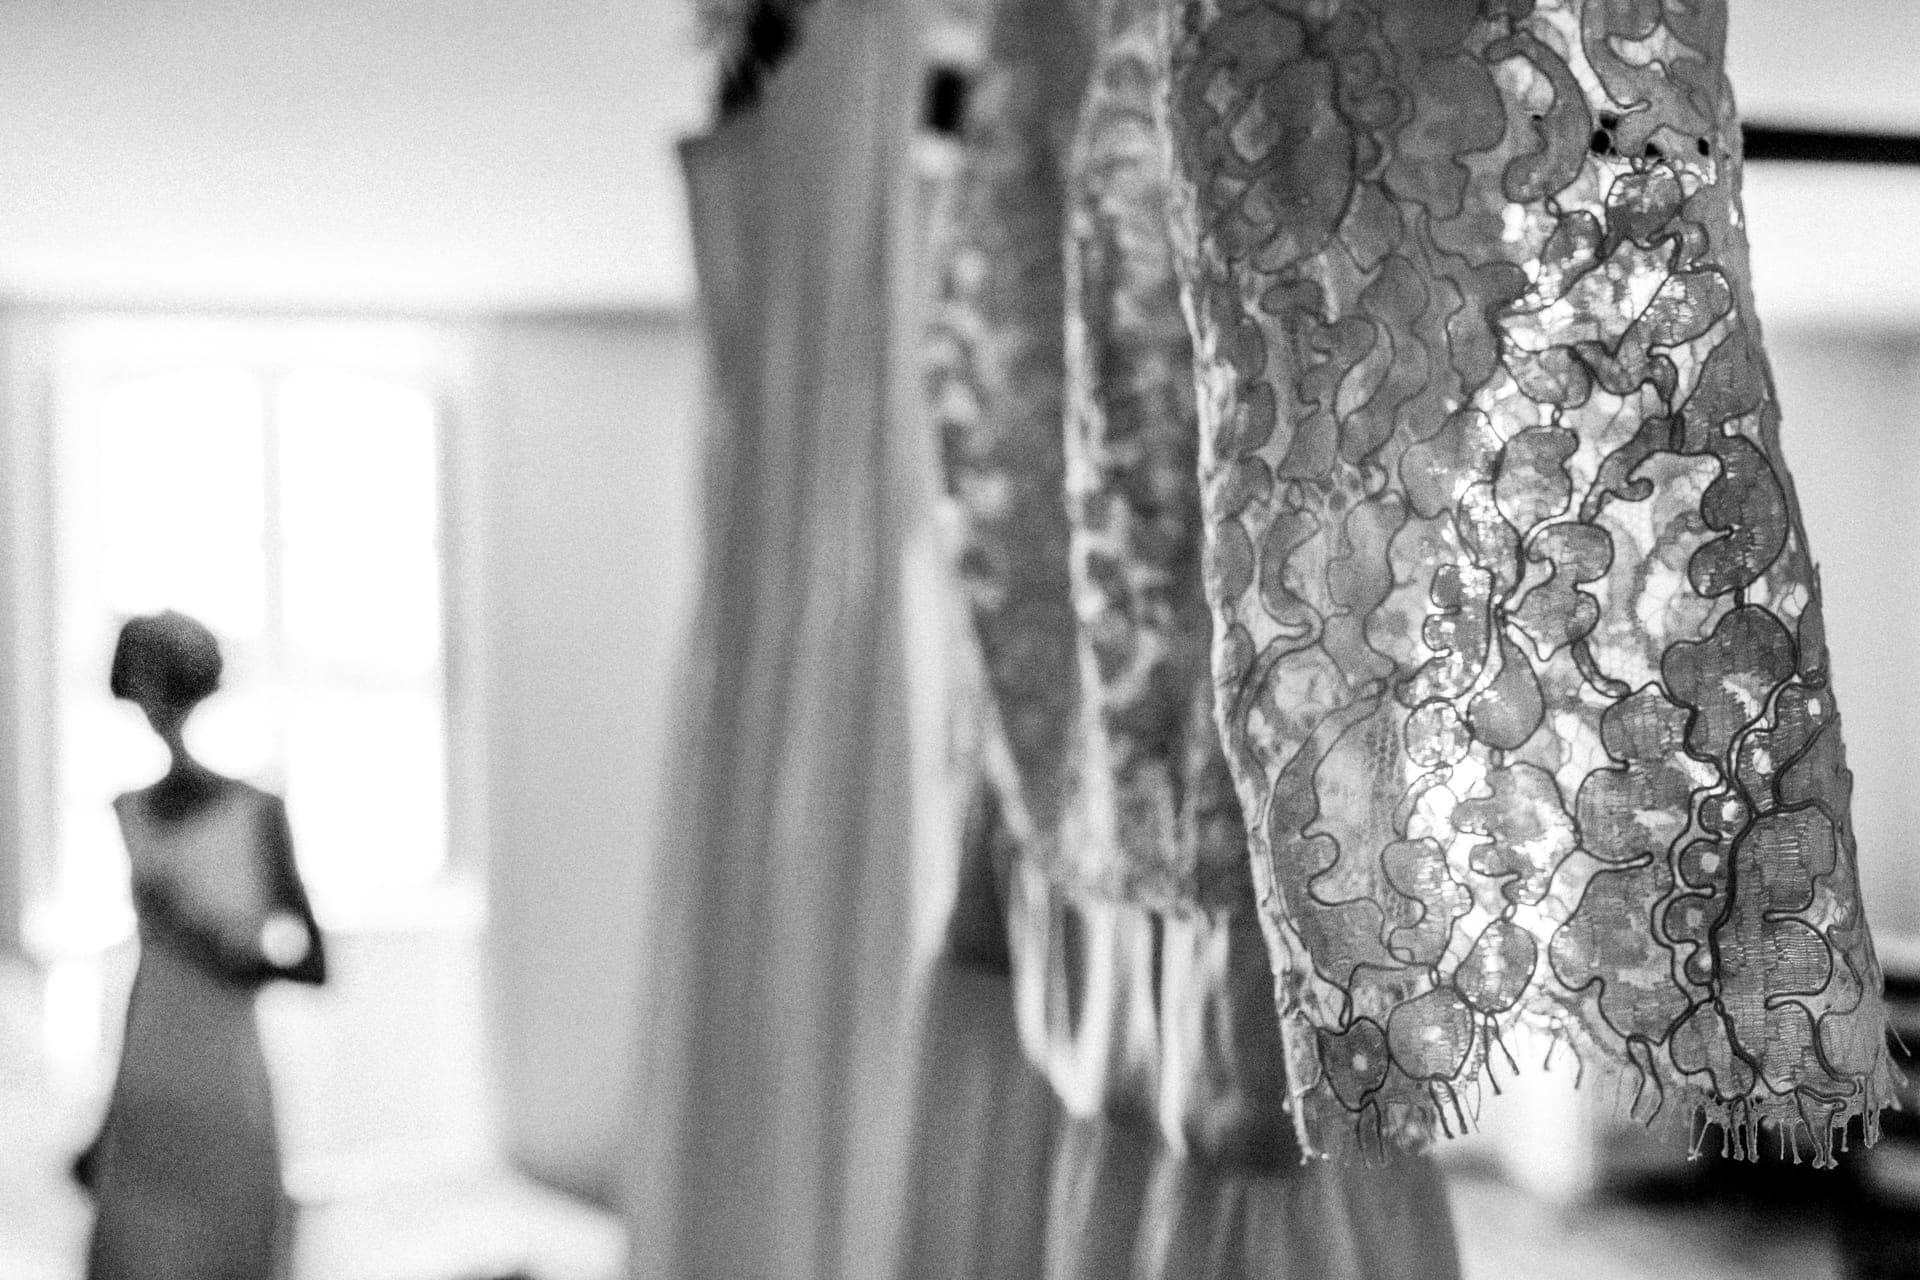 Détail de la robe de mariée par Ernestine et sa famille photographe de mariage à l'approche reportage